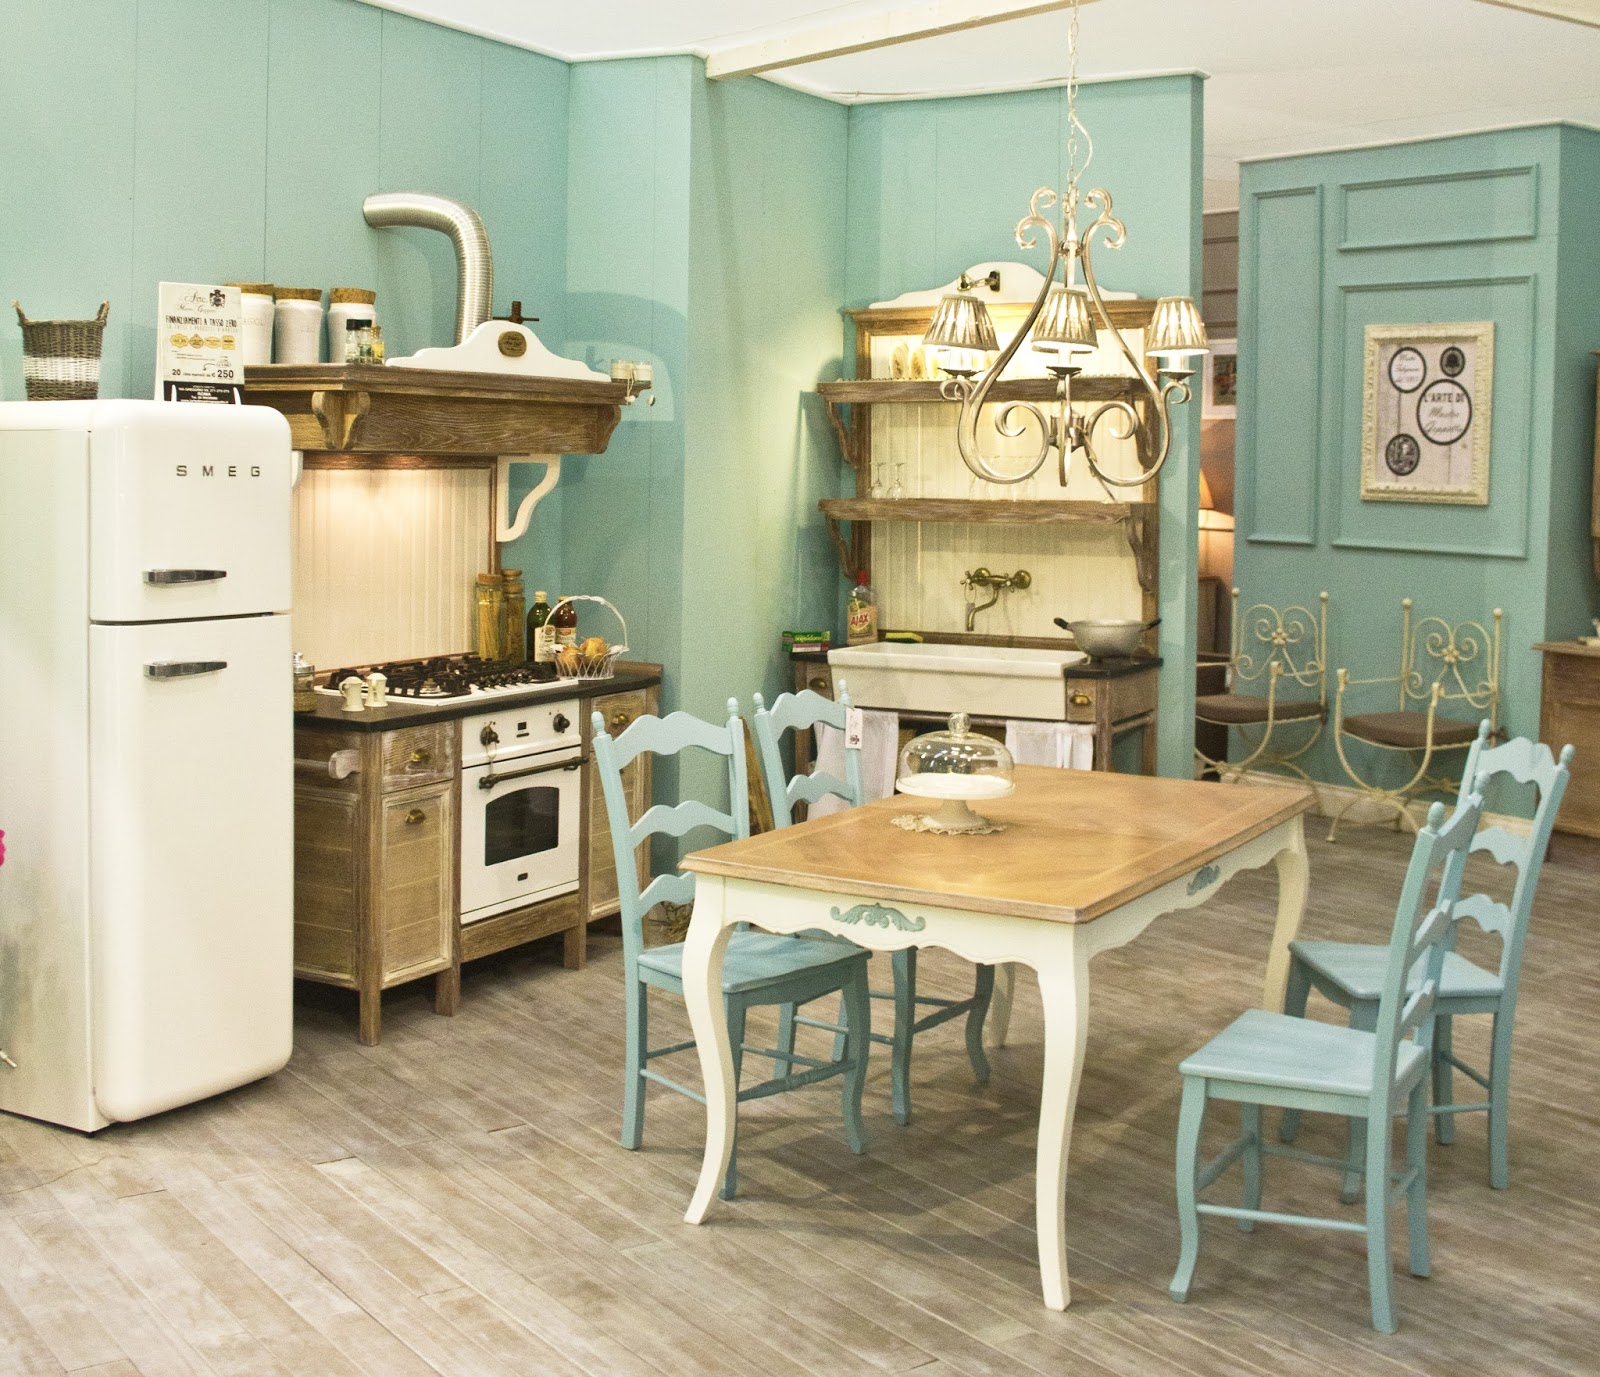 Cucine Shabby Chic Roma.Vivre Shabby Chic L Arte Di Mastro Geppetto Dal Tronco Al Mobile